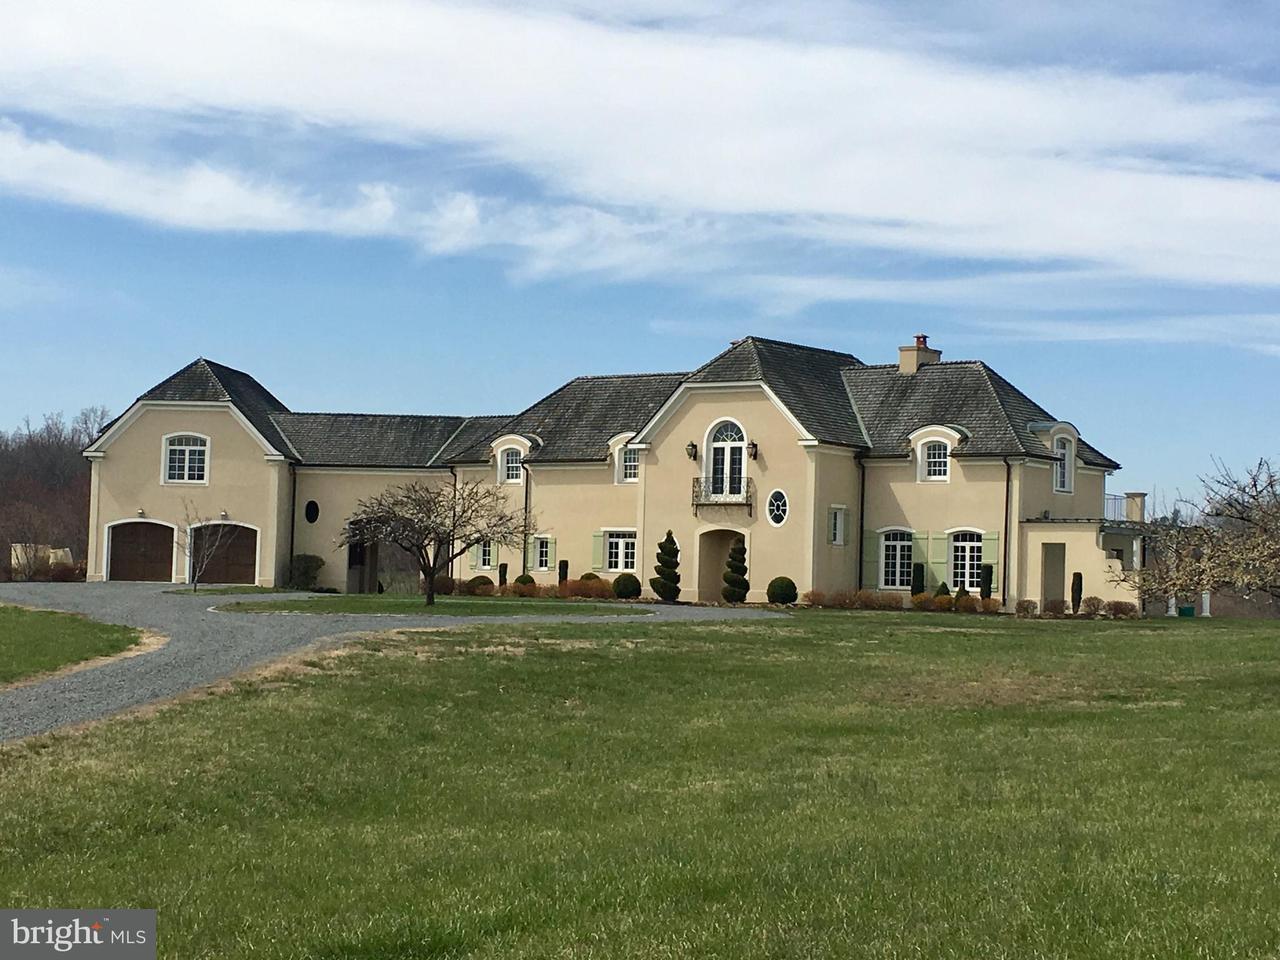 Частный односемейный дом для того Продажа на Address Not Available Marshall, Виргиния 20115 Соединенные Штаты